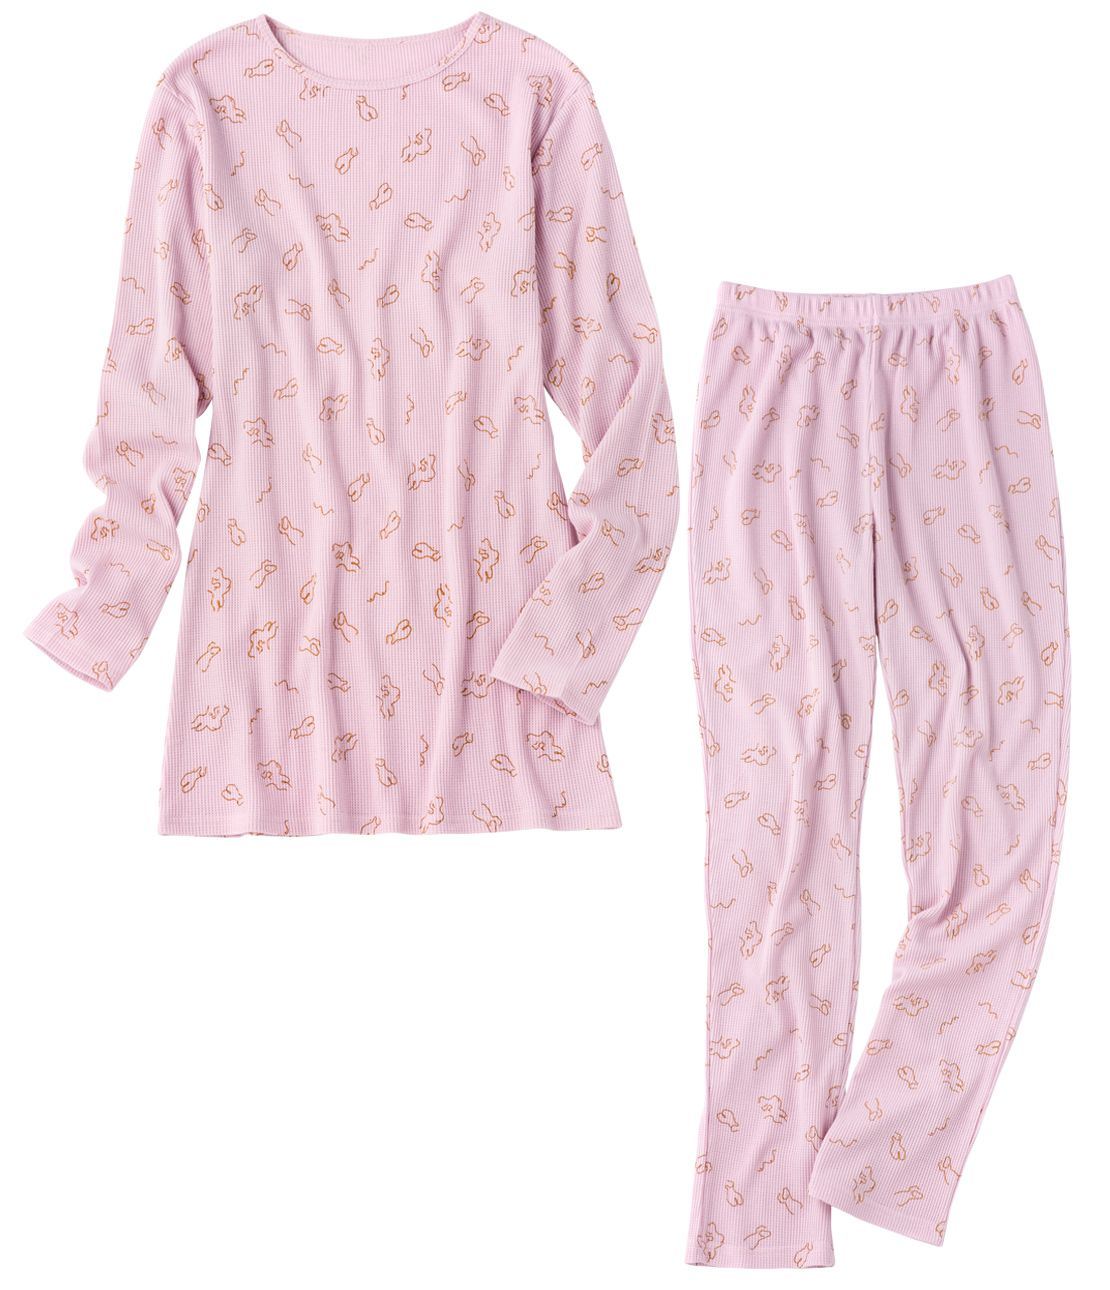 YMサーマルプリントパジャマ